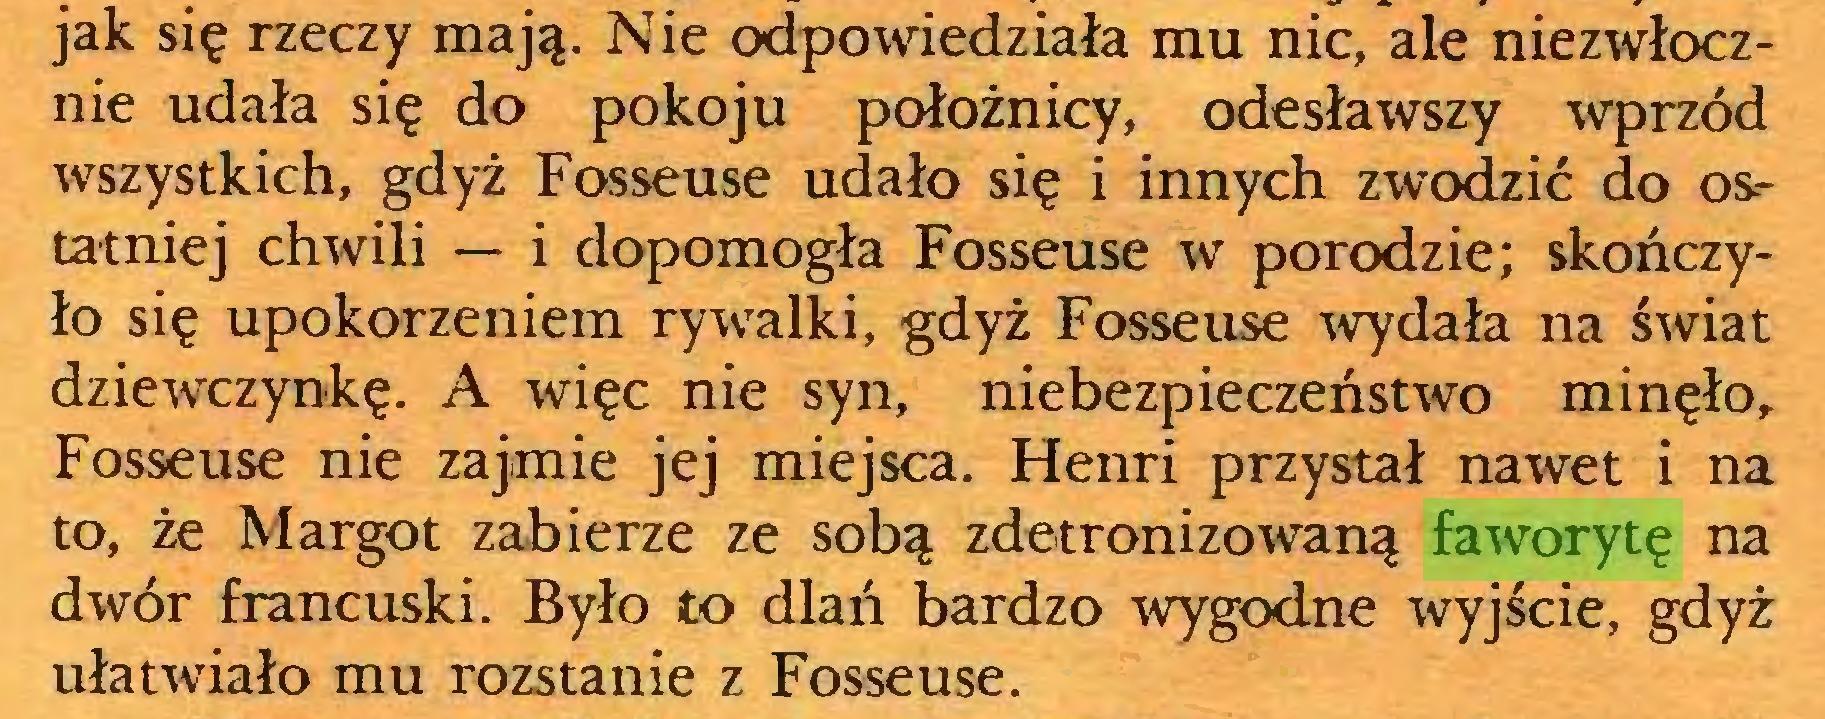 (...) jak się rzeczy mają. Nie odpowiedziała mu nic, ale niezwłocznie udała się do pokoju położnicy, odesławszy wprzód wszystkich, gdyż Fosseuse udało się i innych zwodzić do ostatniej chwili — i dopomogła Fosseuse w porodzie; skończyło się upokorzeniem rywalki, gdyż Fosseuse wydała na świat dziewczynkę. A więc nie syn, niebezpieczeństwo minęło, Fosseuse nie zajmie jej miejsca. Henri przystał nawet i na to, że Margot zabierze ze sobą zdetronizowaną faworytę na dwór francuski. Było to dlań bardzo wygodne wyjście, gdyż ułatwiało mu rozstanie z Fosseuse...